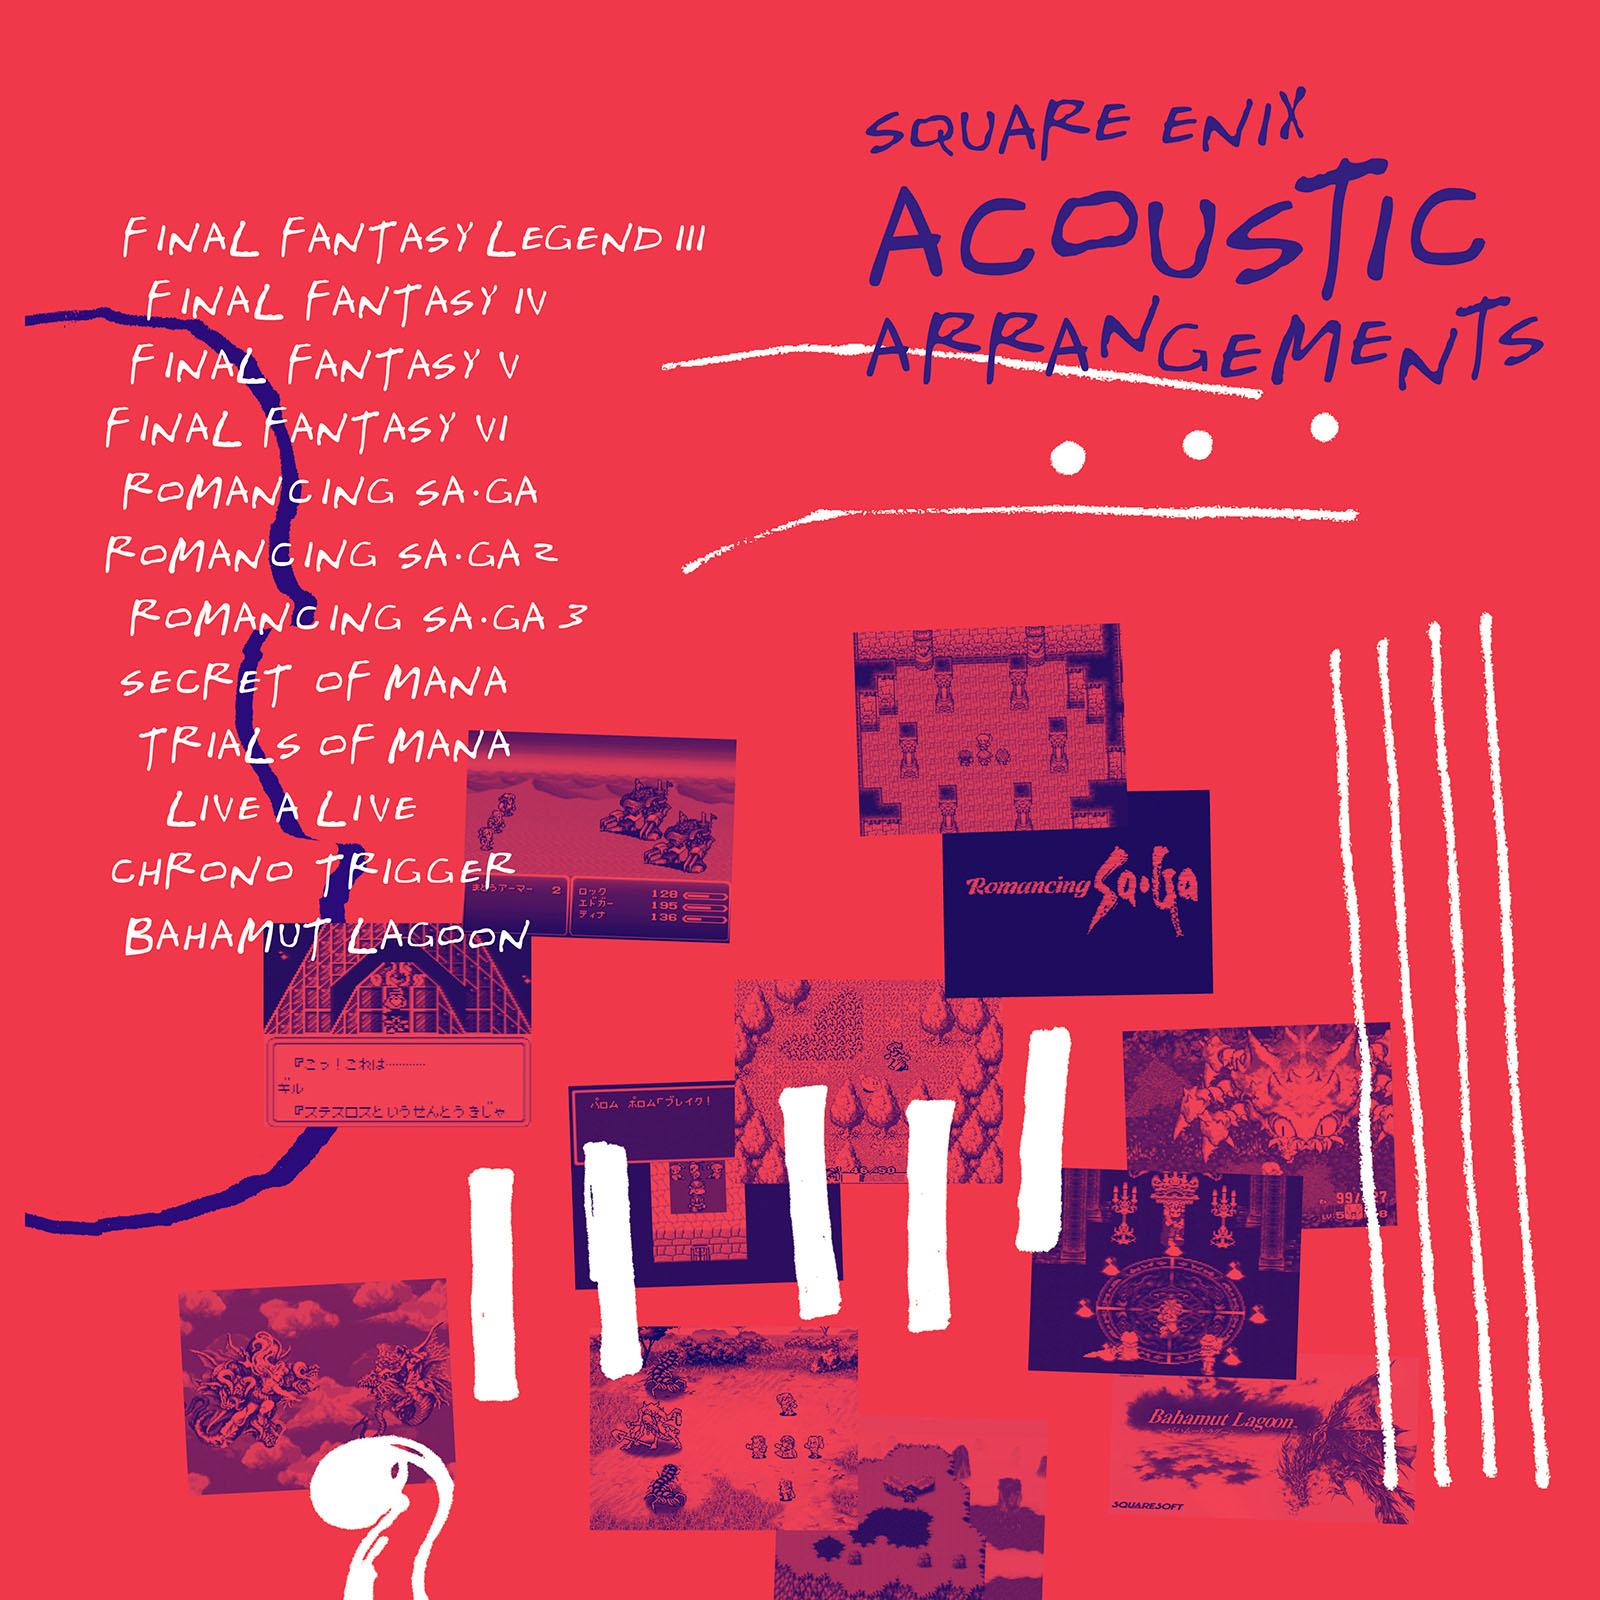 Square Enix Acoustic Arrangements Review Higher Plain Music